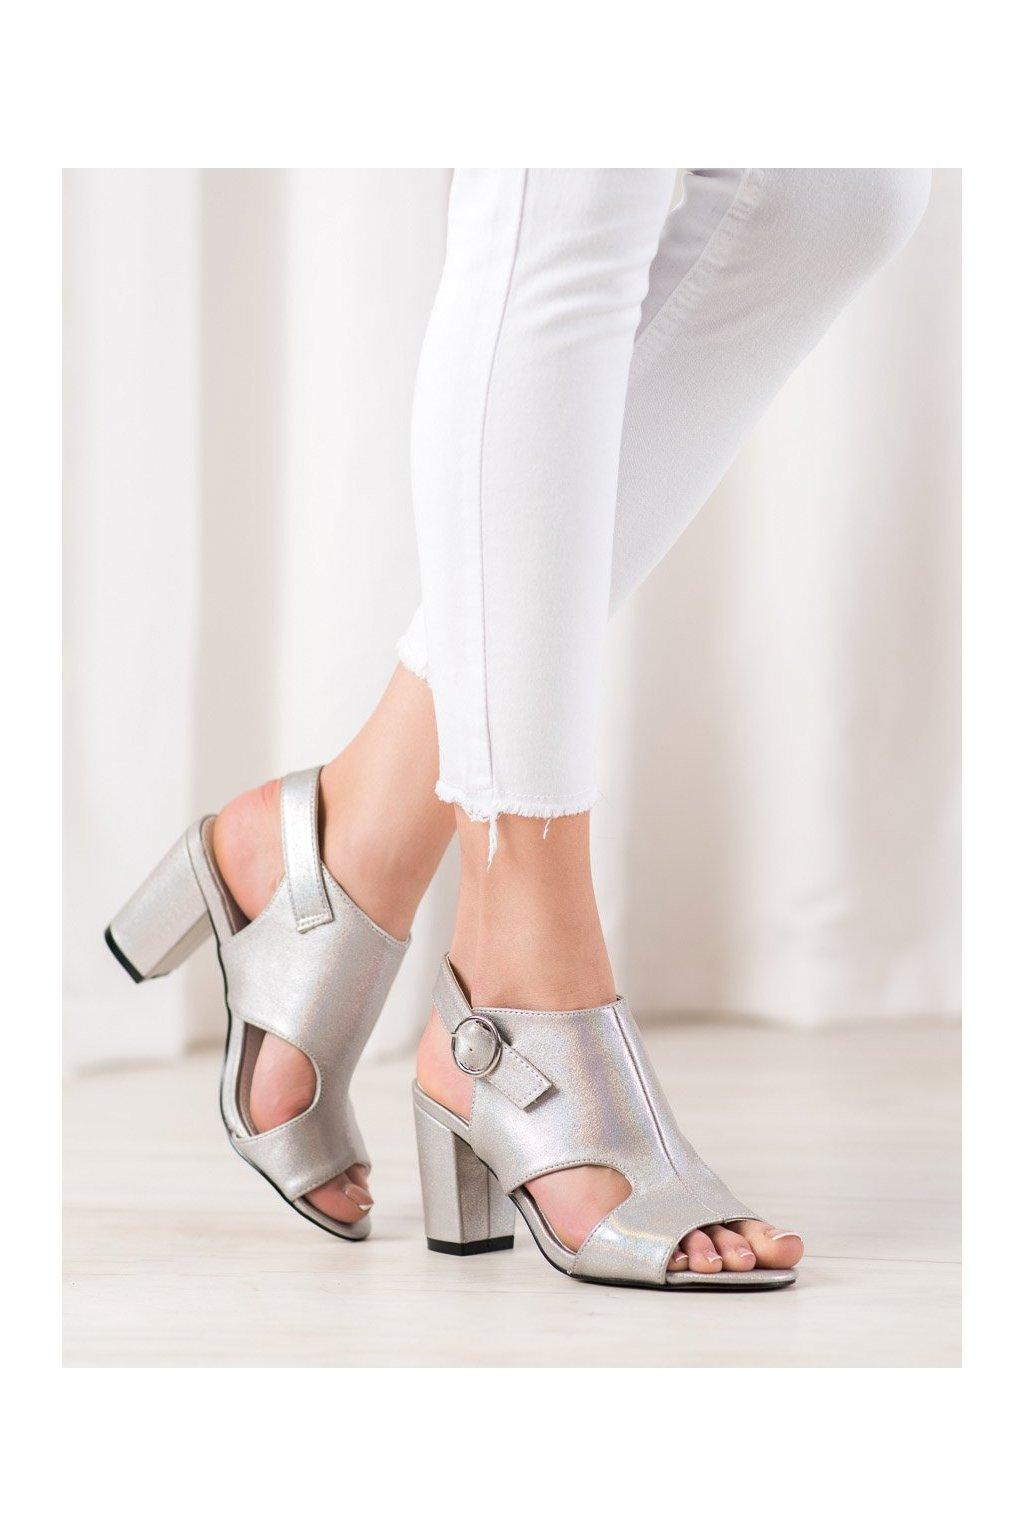 Sivé sandále Goodin kod FL1506A-T